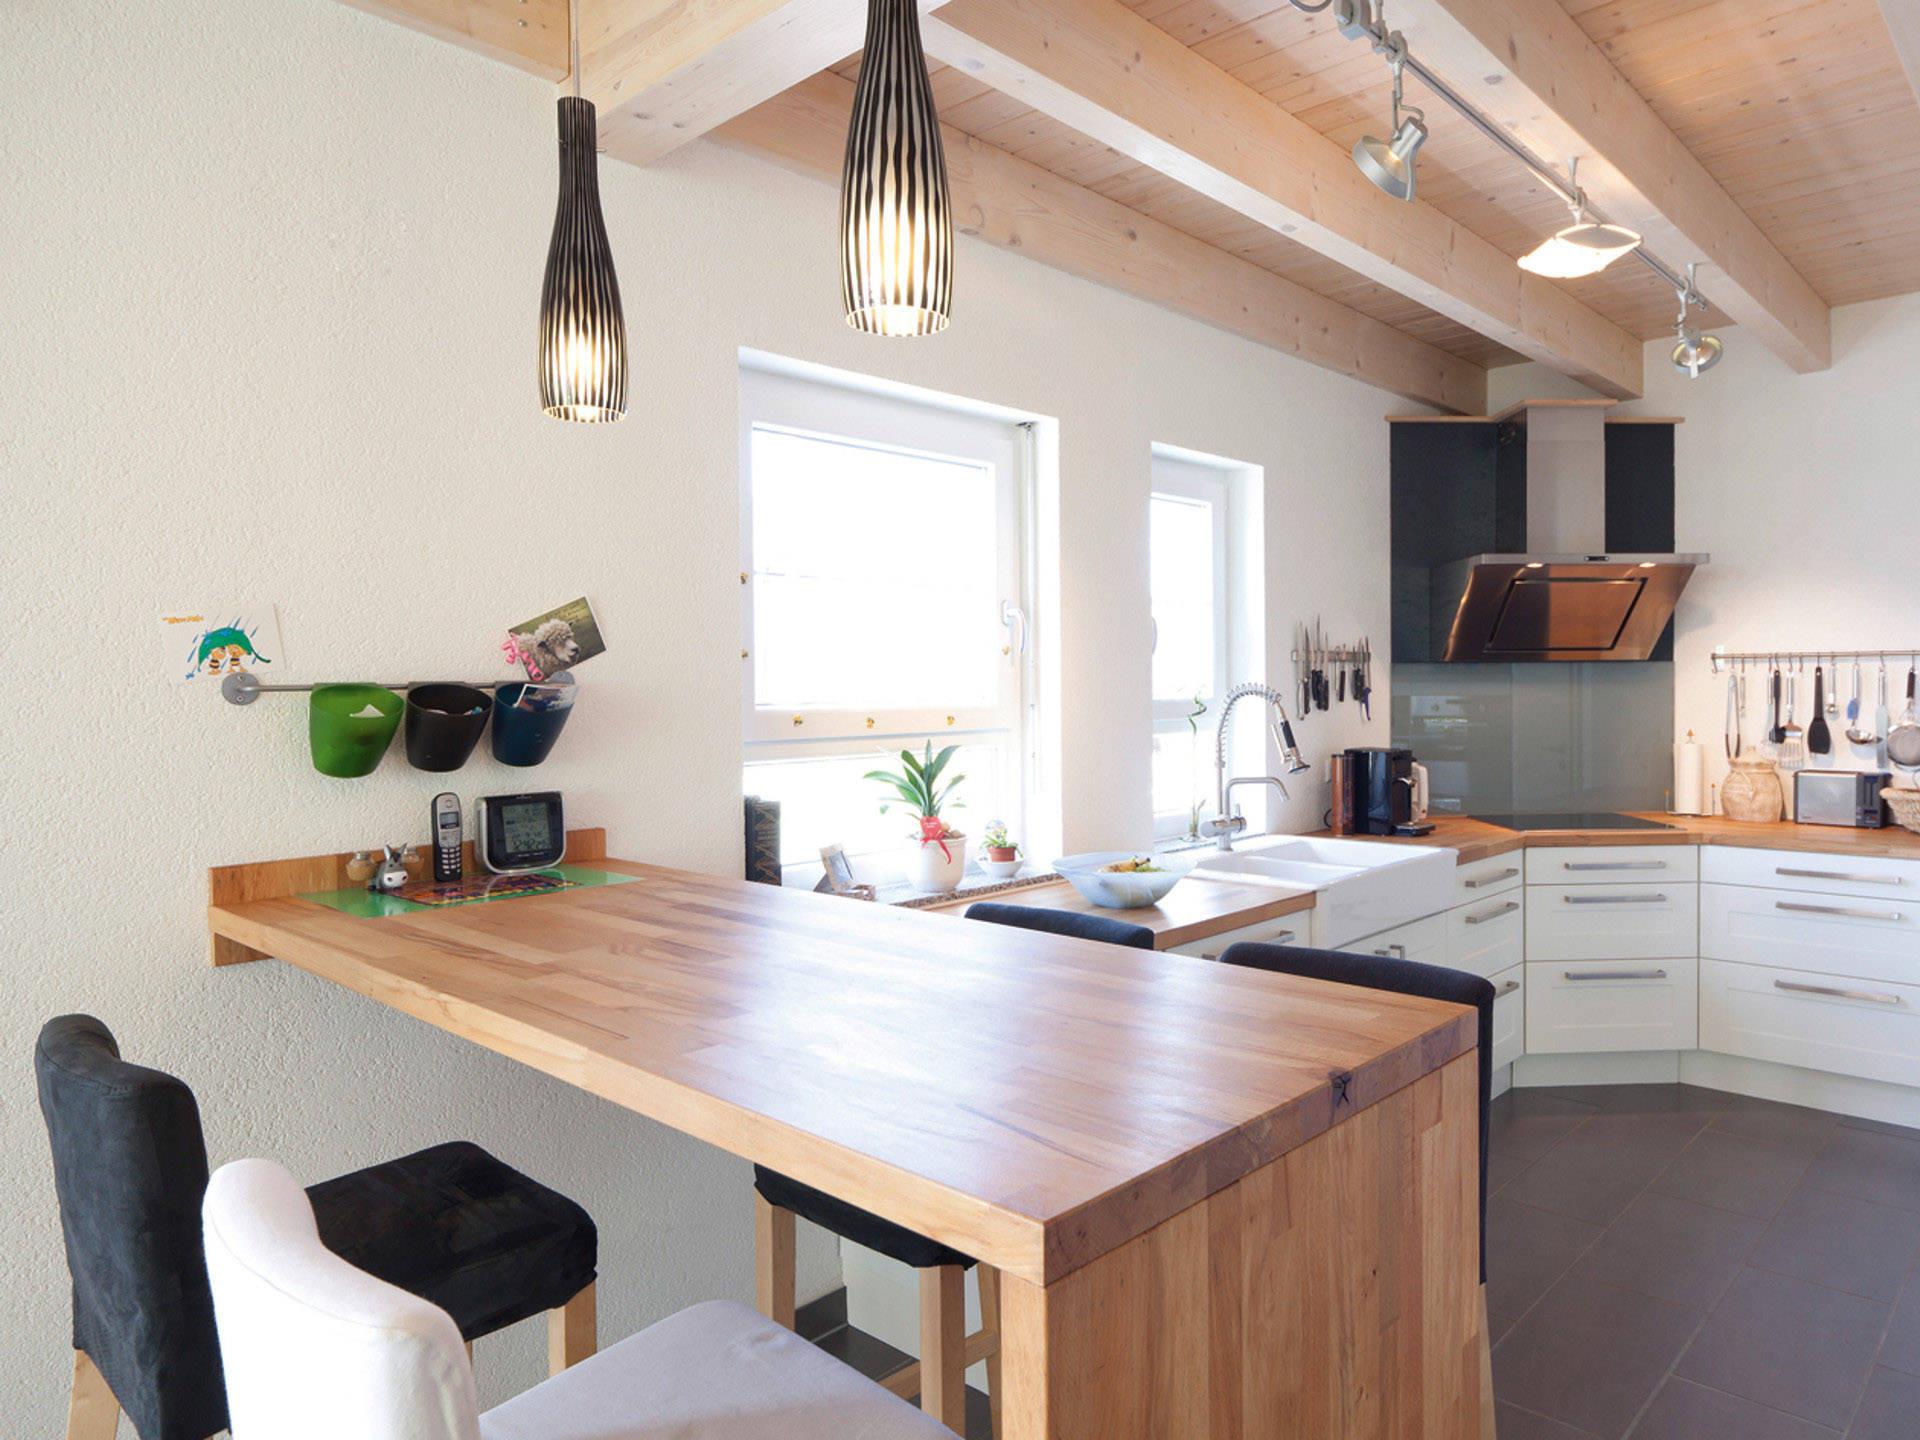 Individuelles Haus 2 Küche von Zimmermann Haus